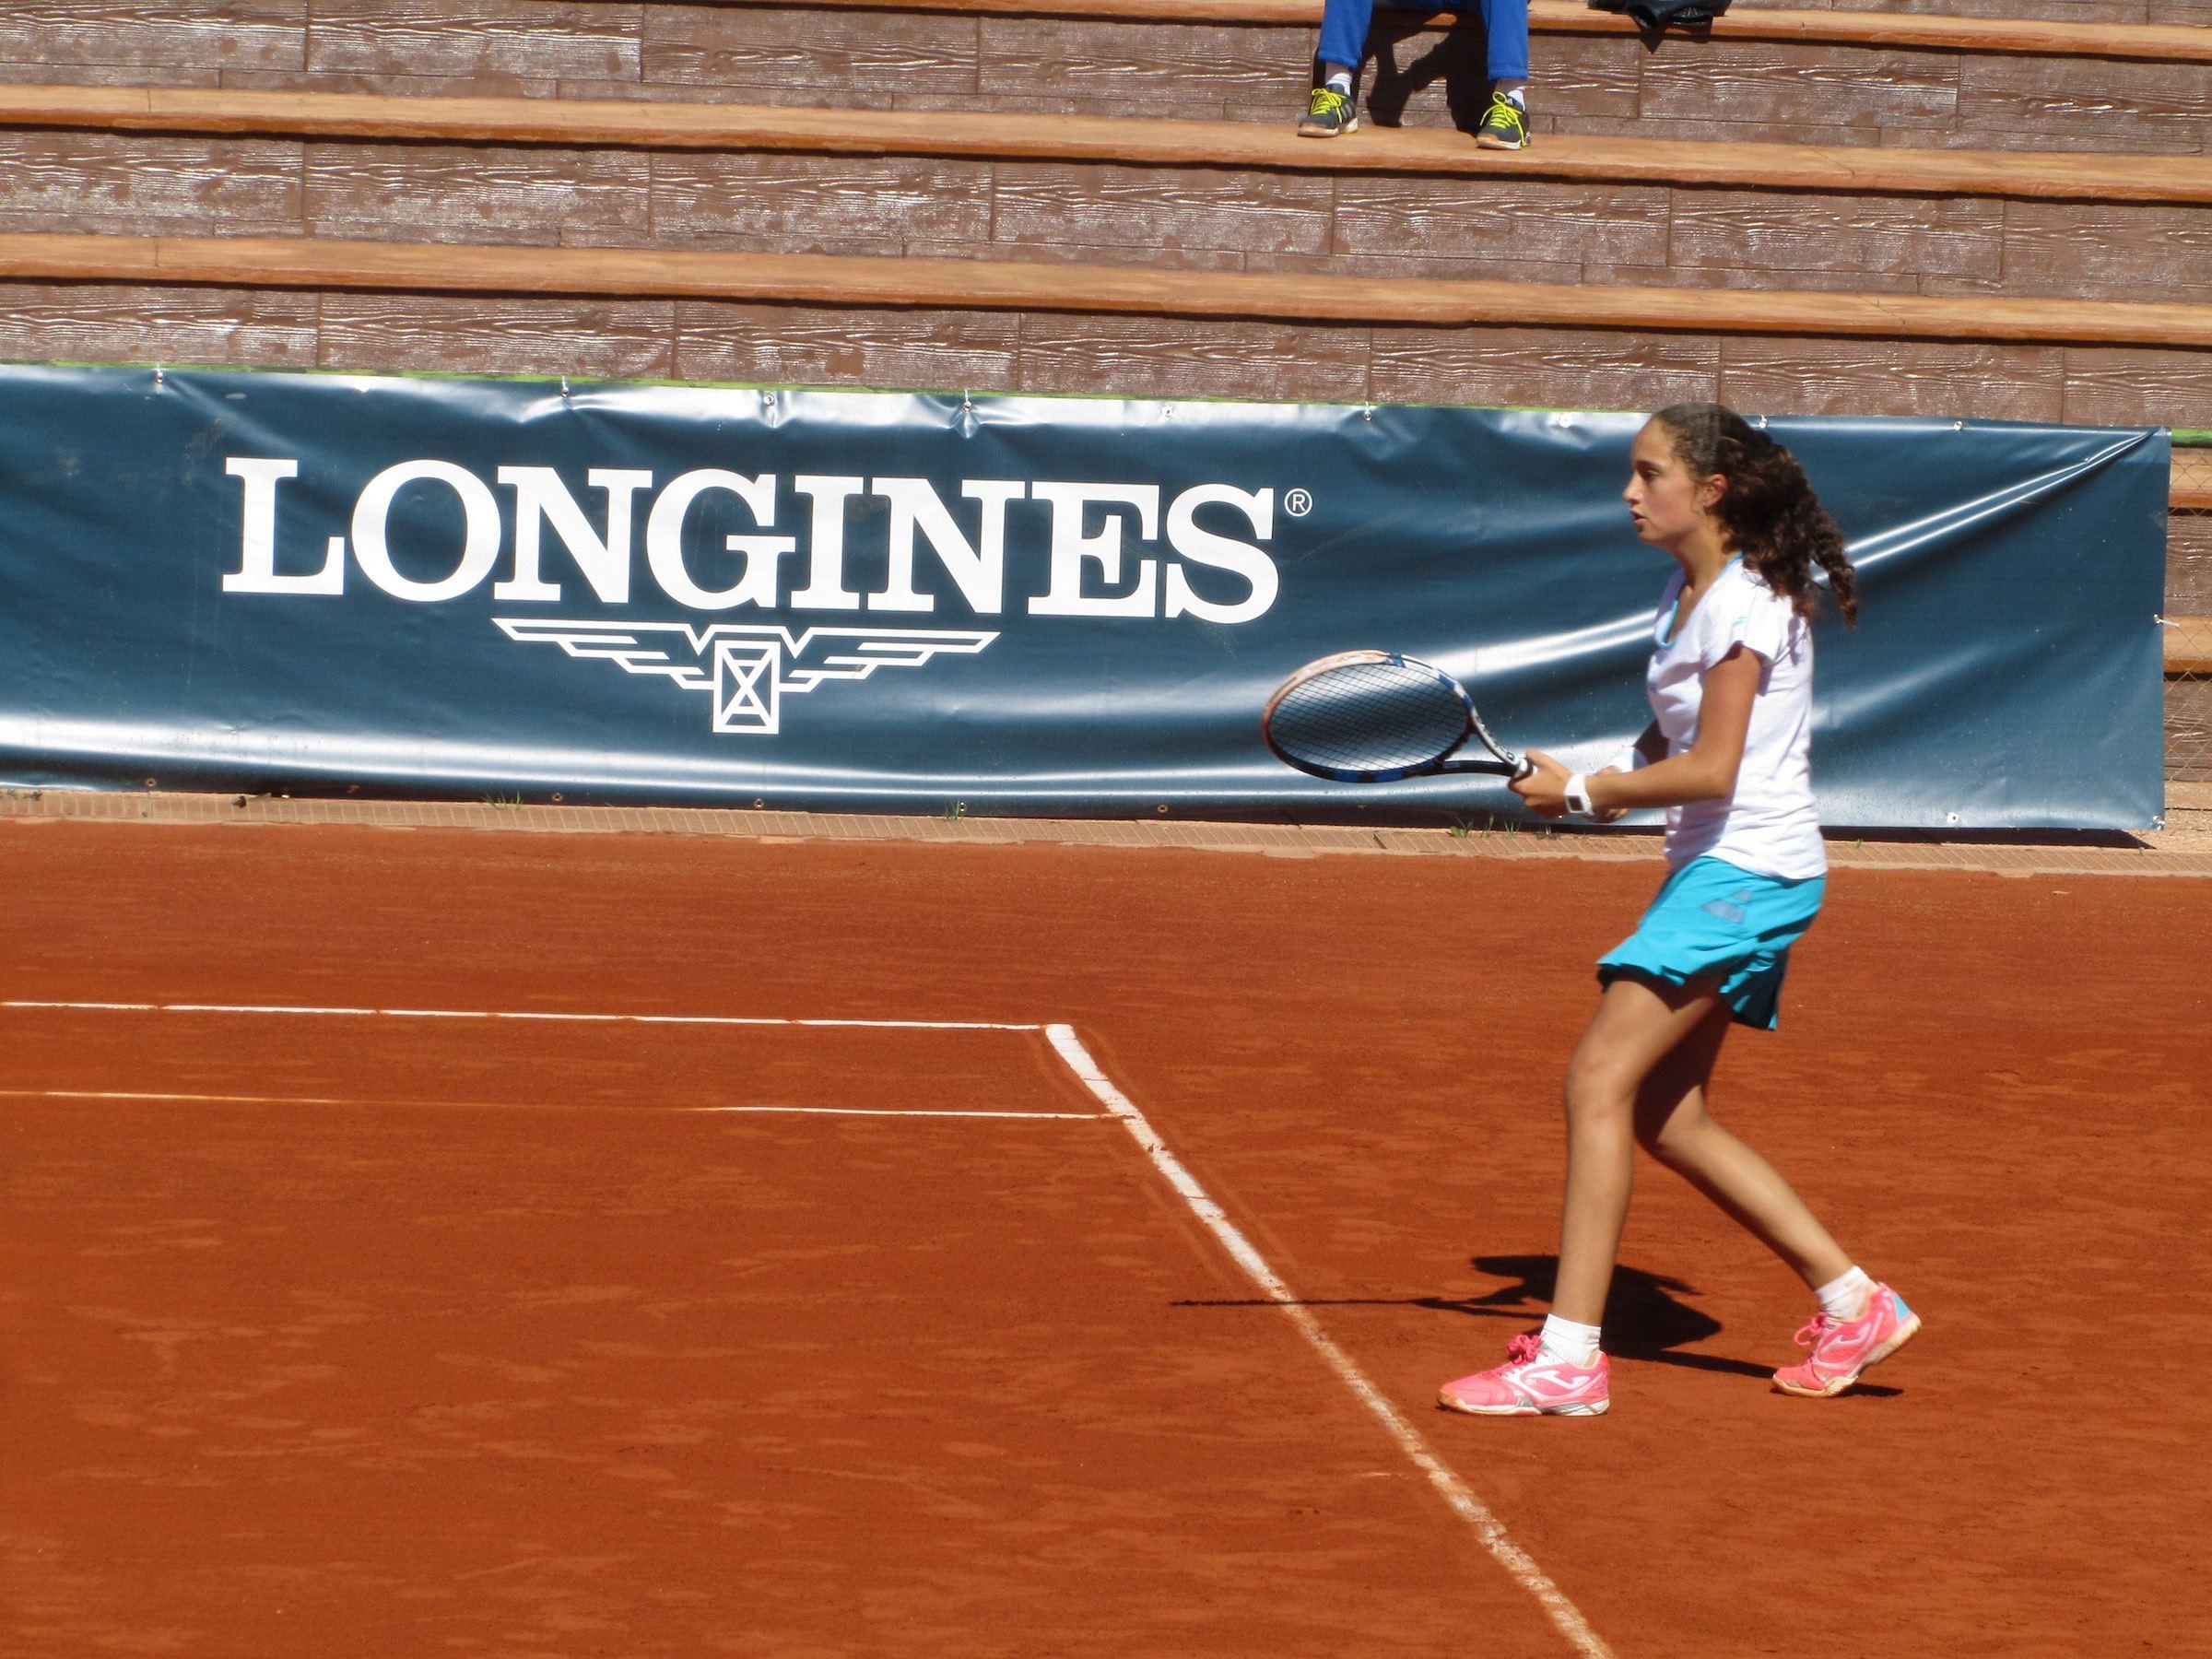 María Dolores López, ganadora del Longines Spain Junior Tour, representará a España en Roland Garros durante el 'Longines Future Tennis Aces'